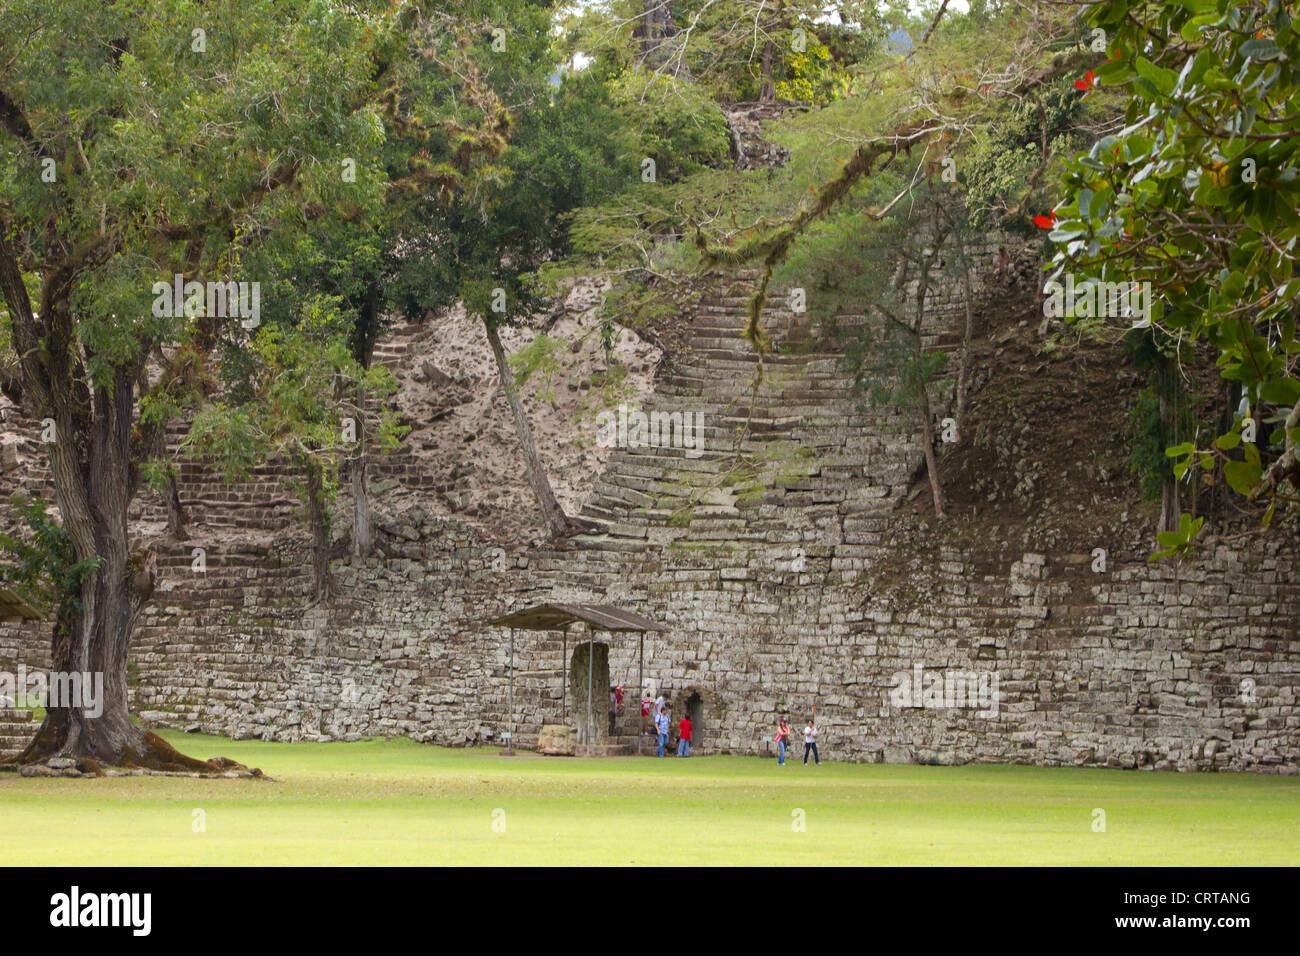 Copan Honduras Ruins - Stock Image